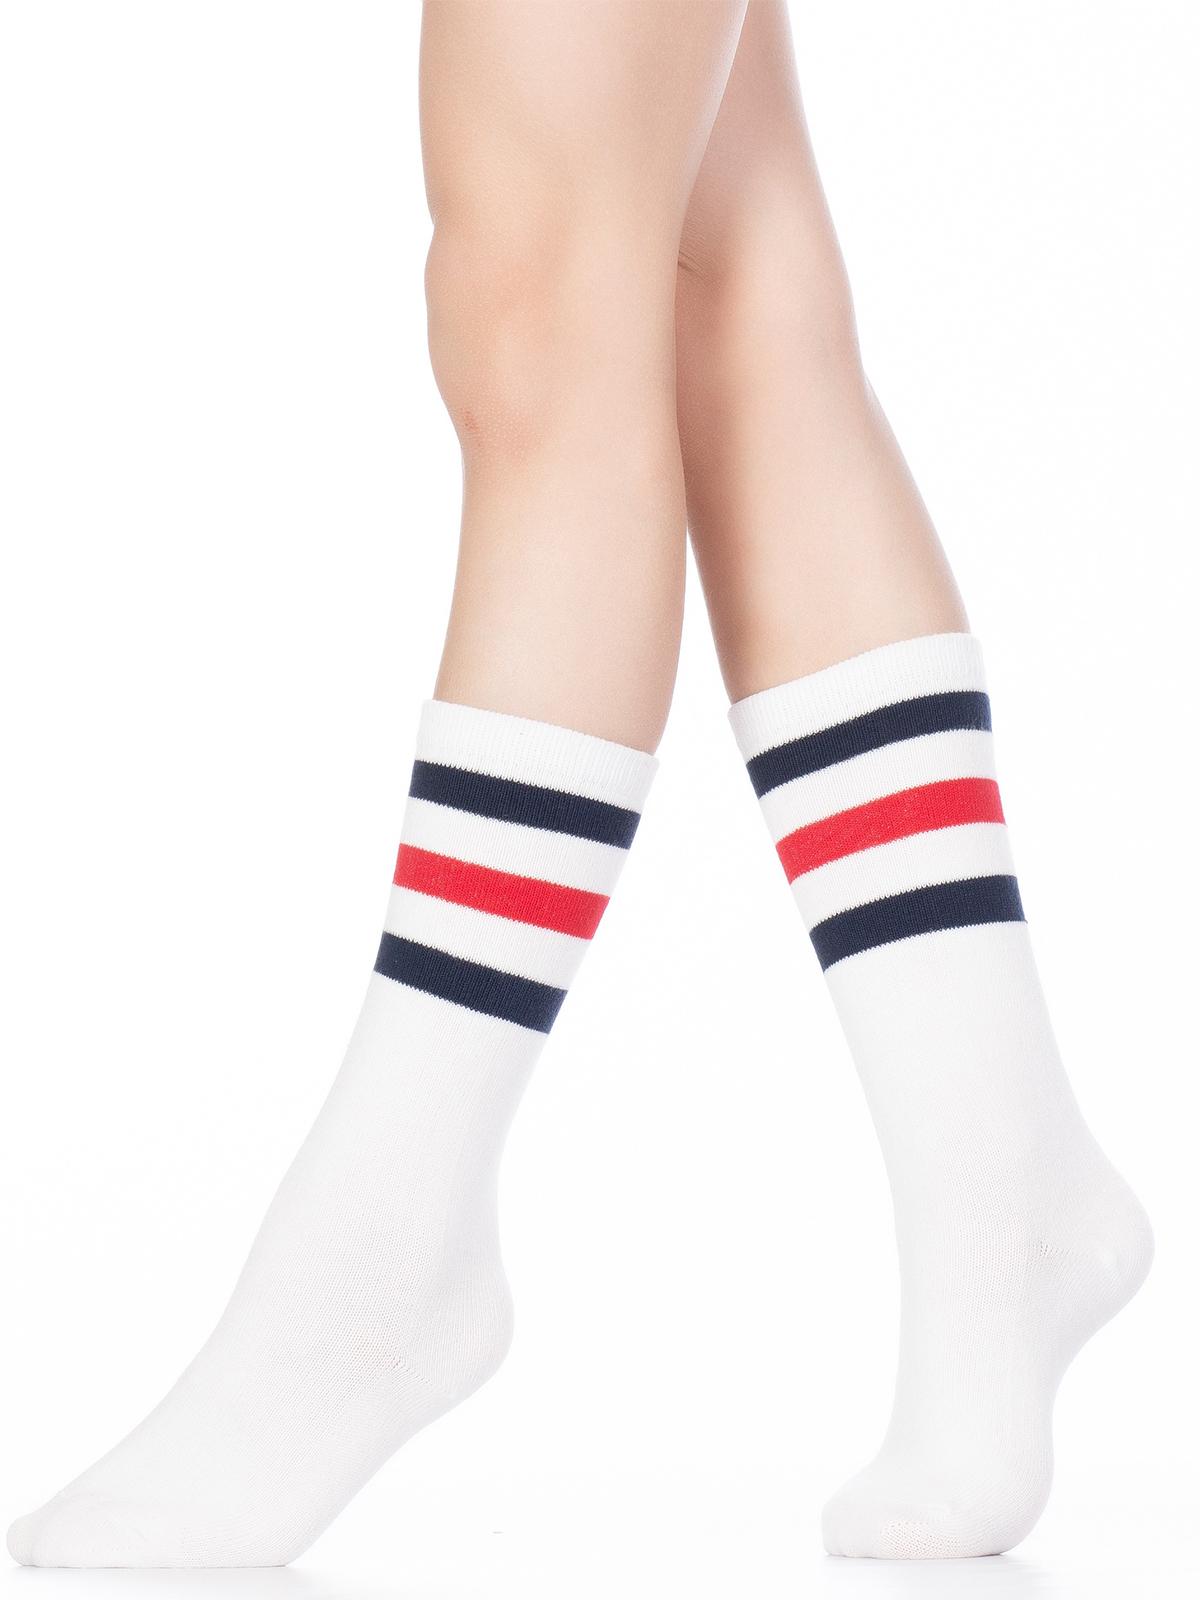 Купить Гольфы детские Hobby Line 4490-1 белый, красный, синий, 18-20, Гольфы для девочек